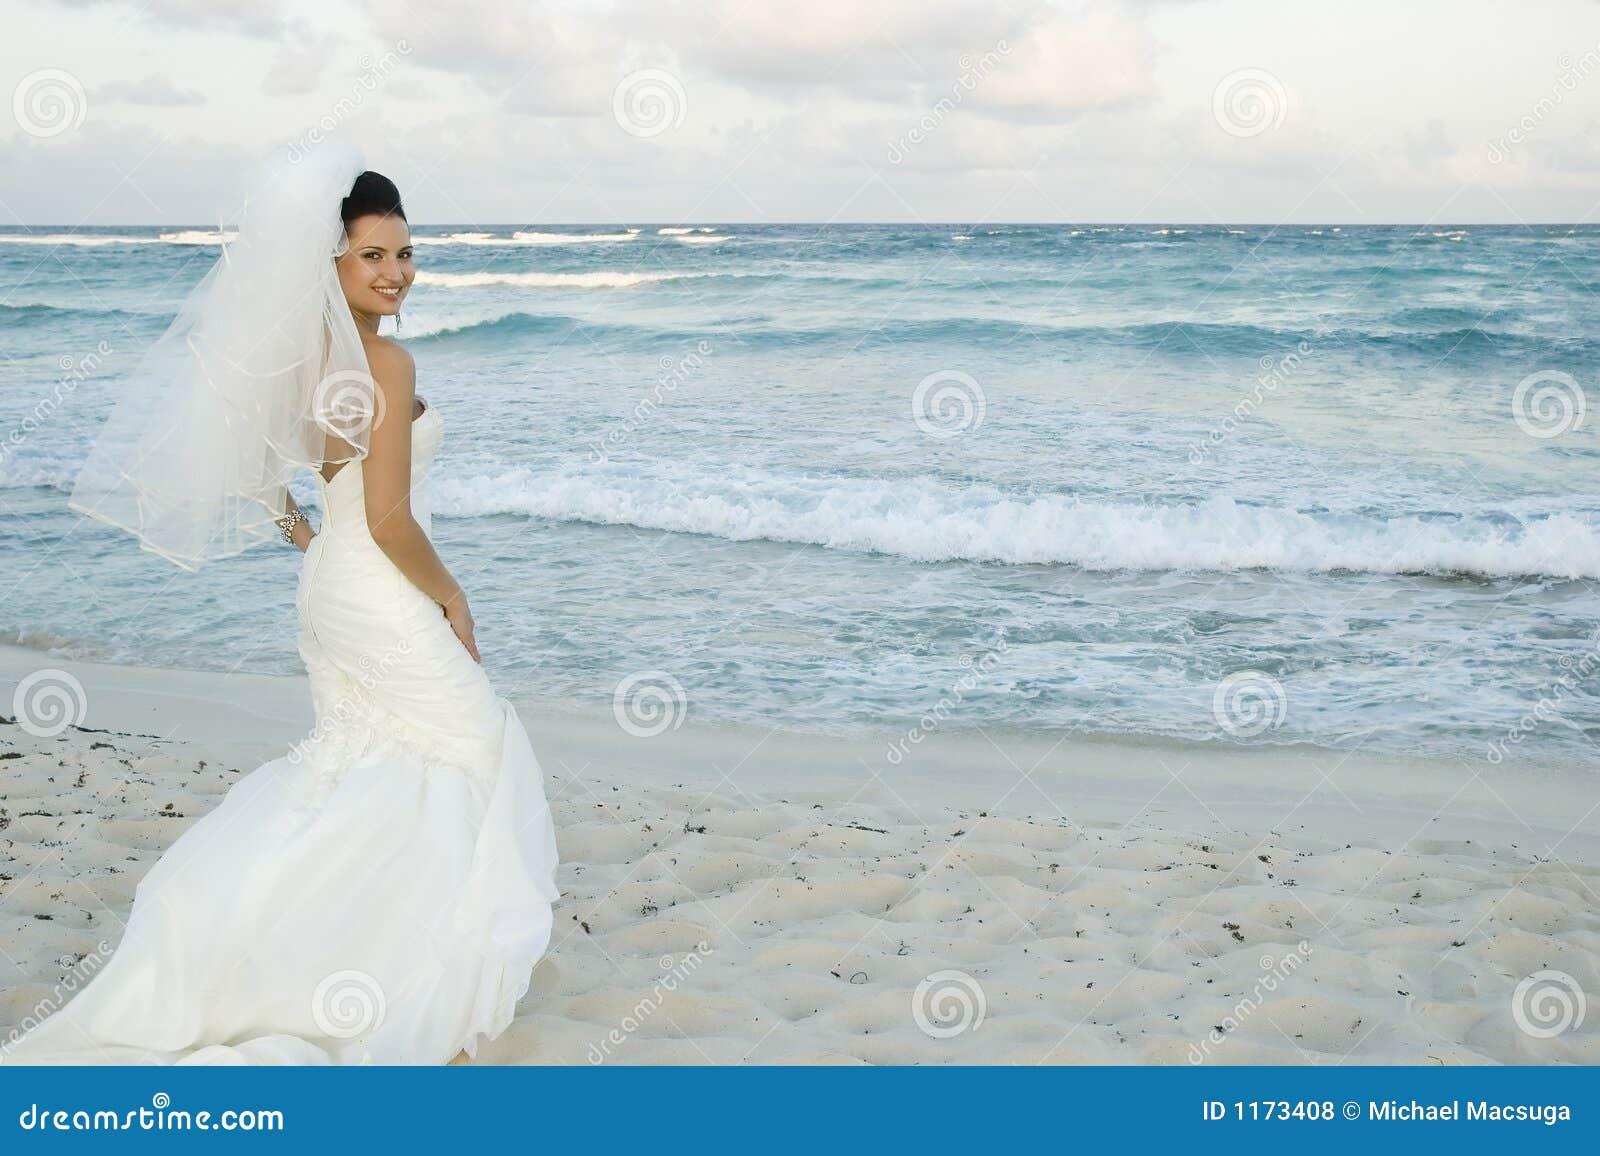 Karibische Strand-Hochzeit - Brid